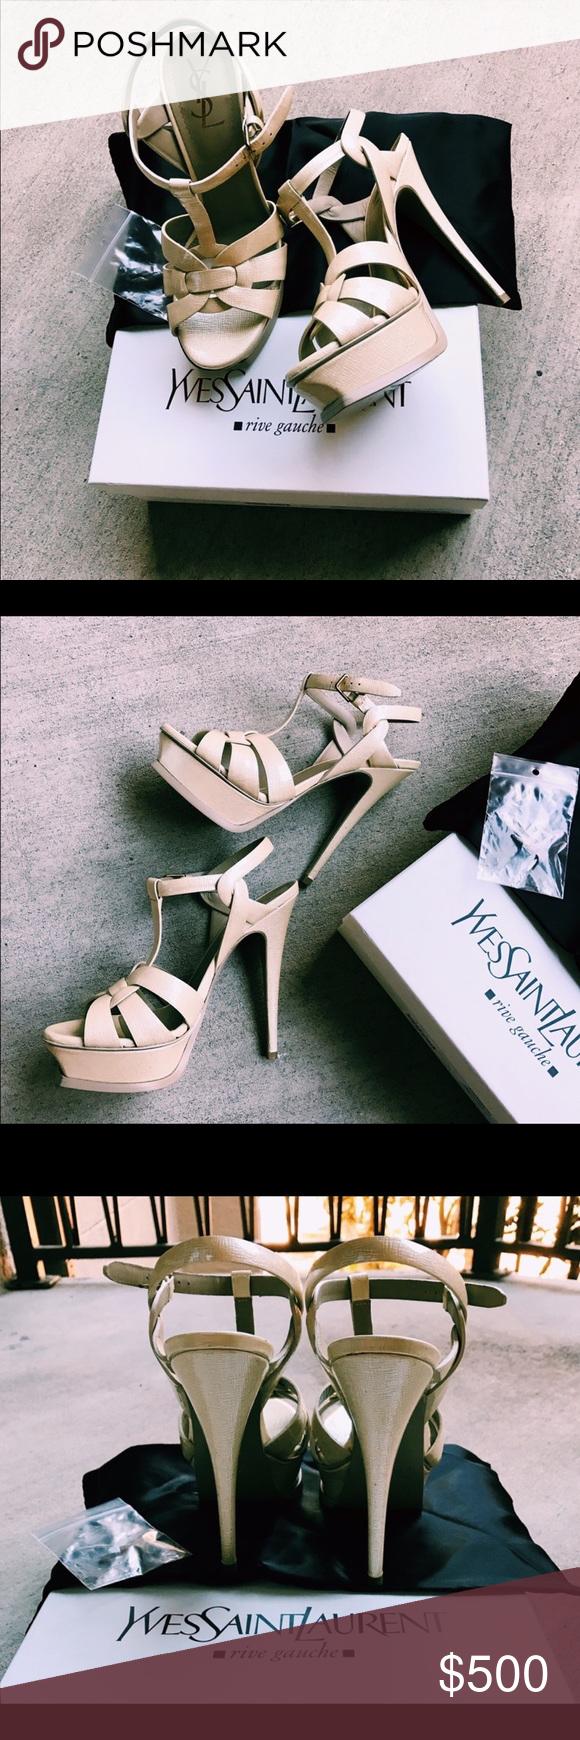 8f86a7463d7 Yves Saint Laurent Tribute 105 Sandals Nude Patent Classic authentic  Tribute sandals